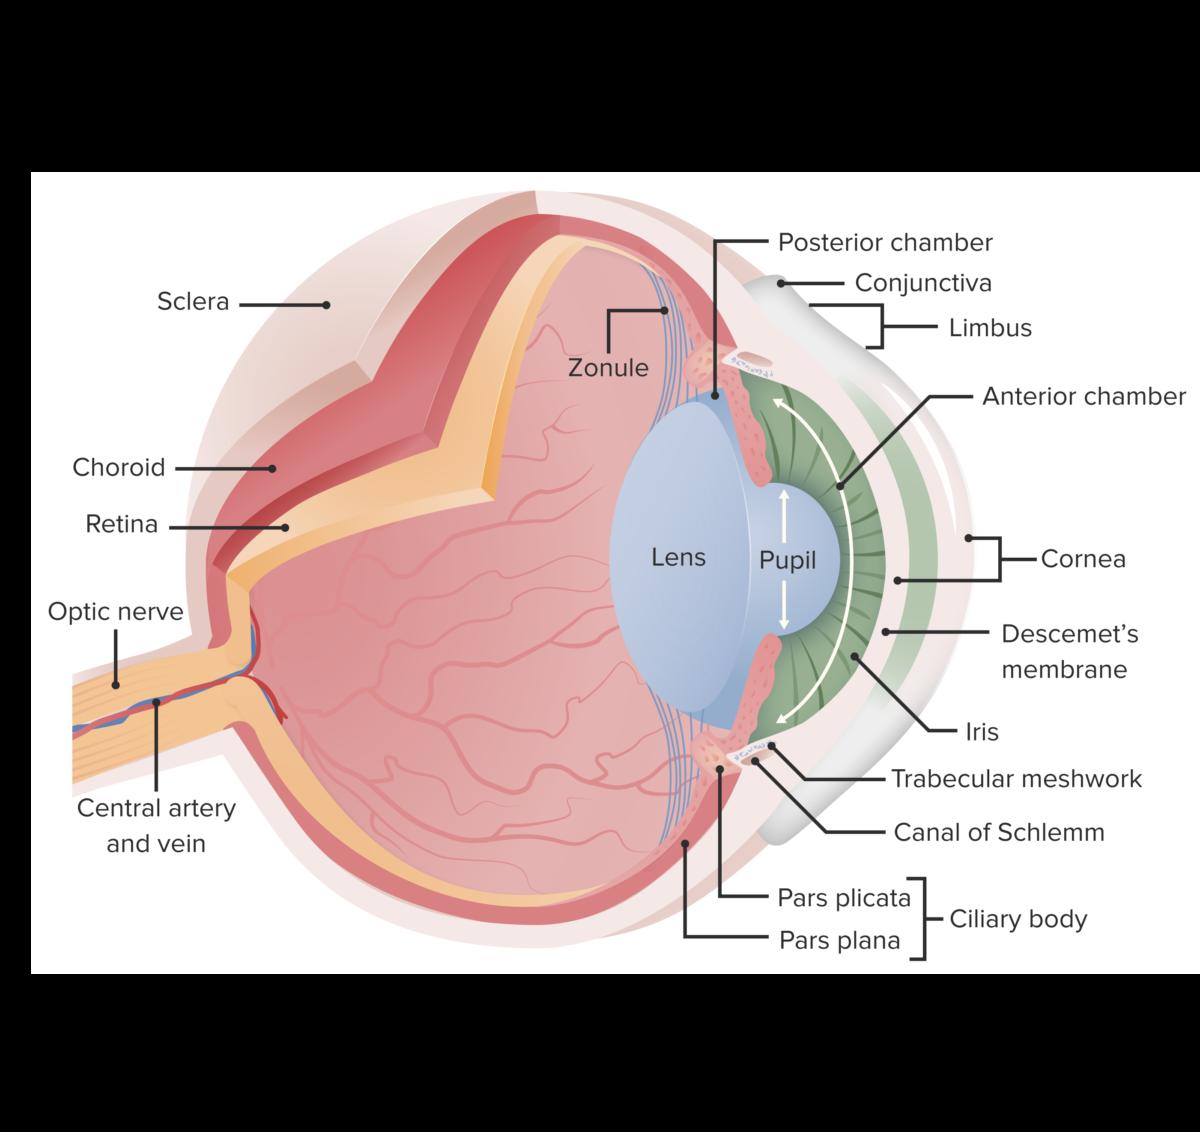 Essential anatomy of the eye diagram